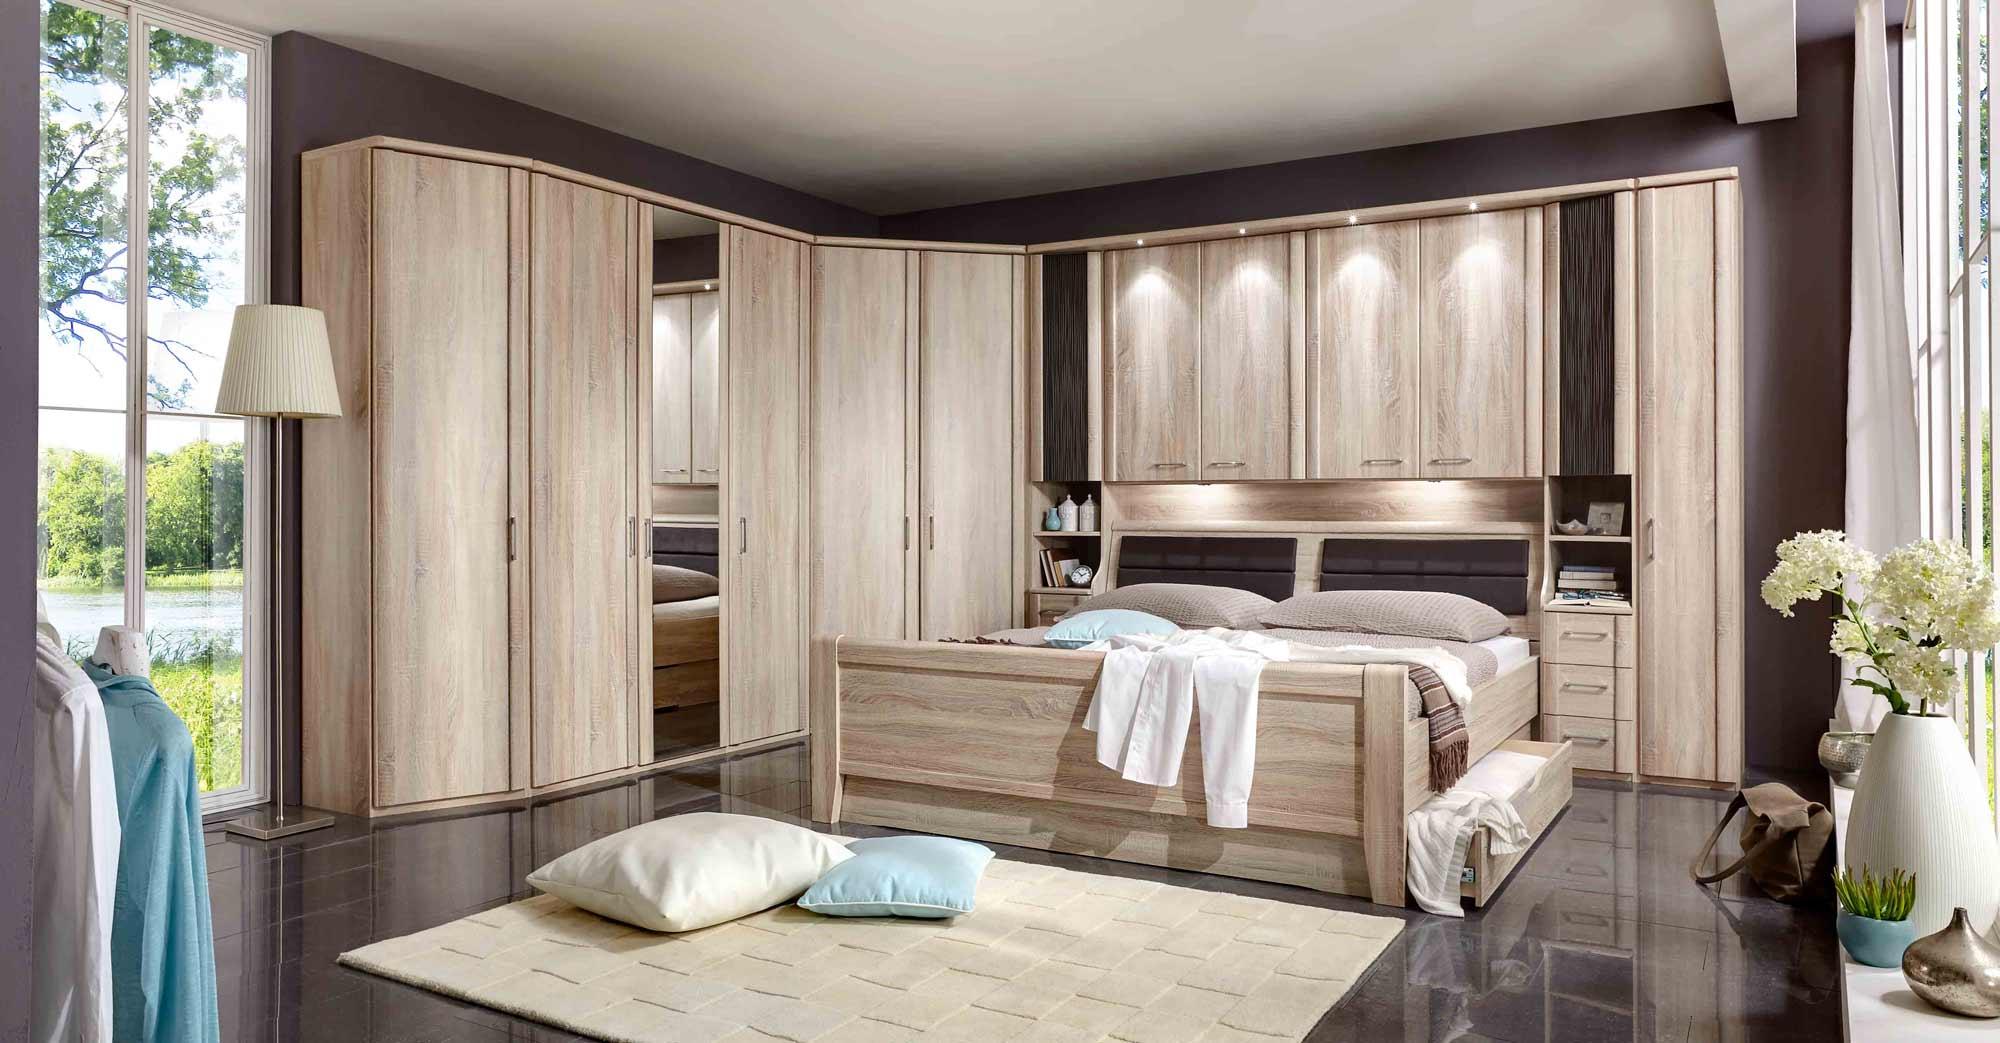 Überbau Schlafzimmer Bettbrücke Überbauschlafzimmer Eiche sonoma ...